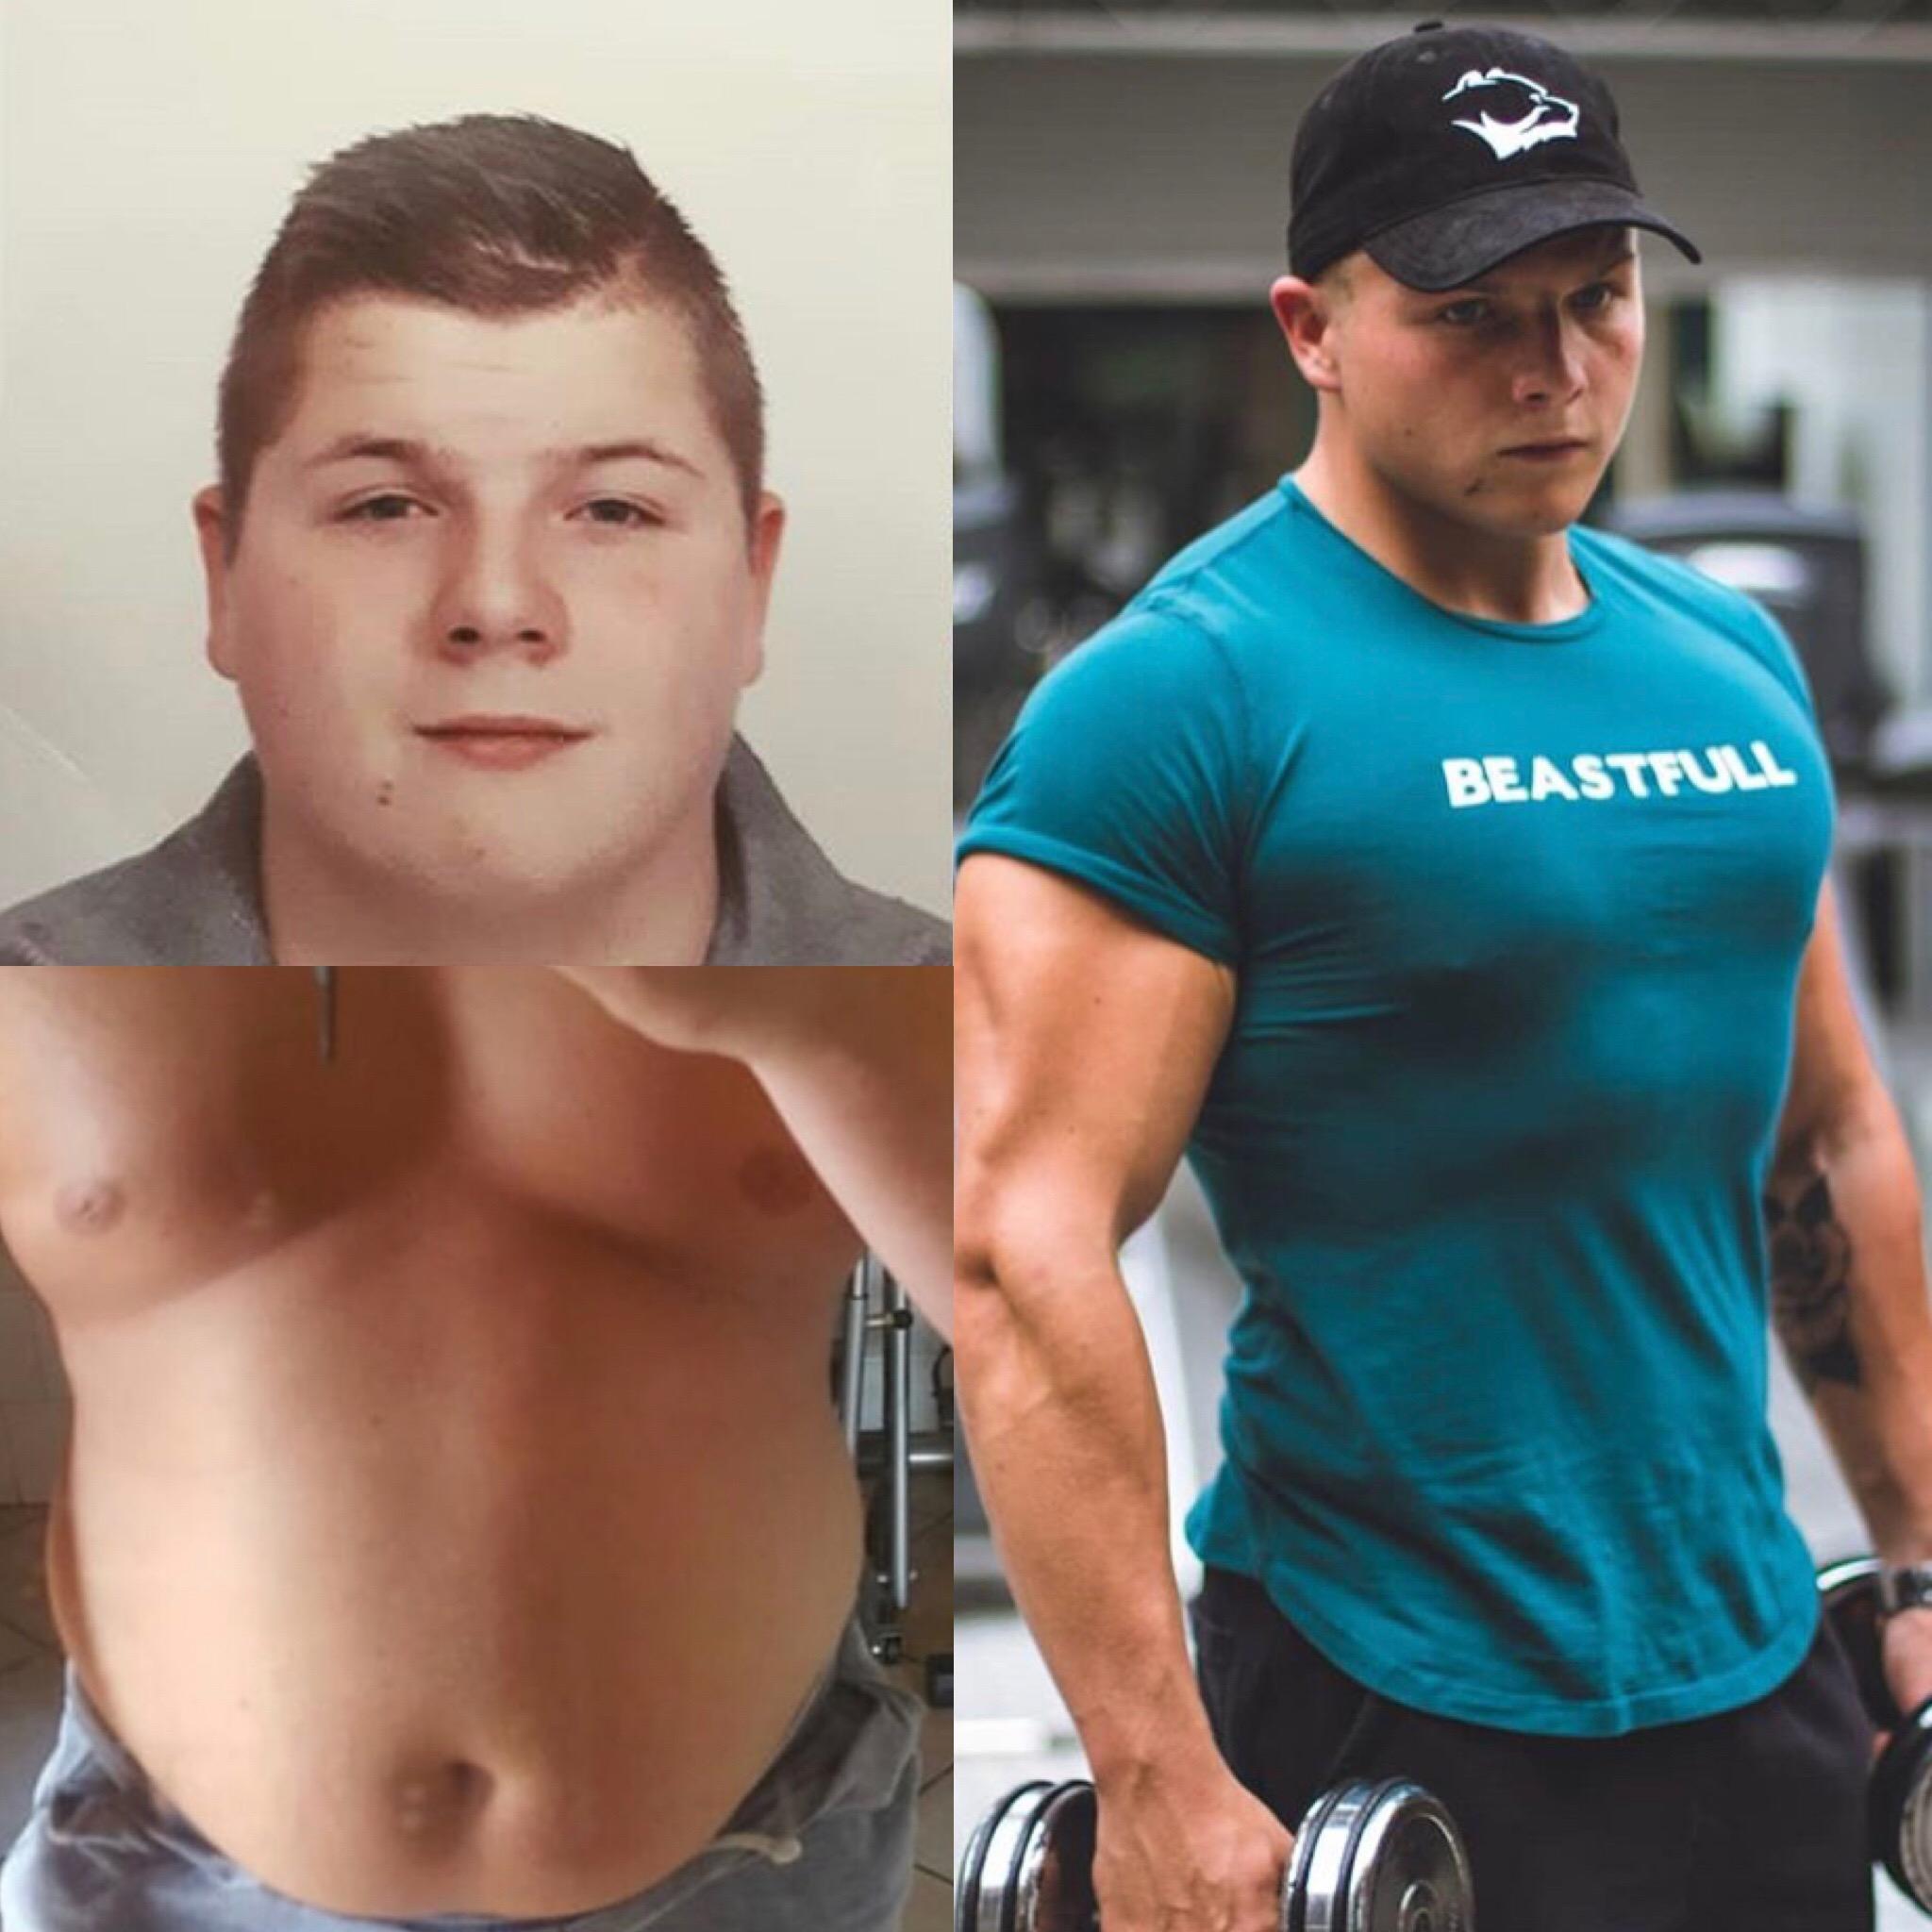 gewicht verliezen transformatie afvallen